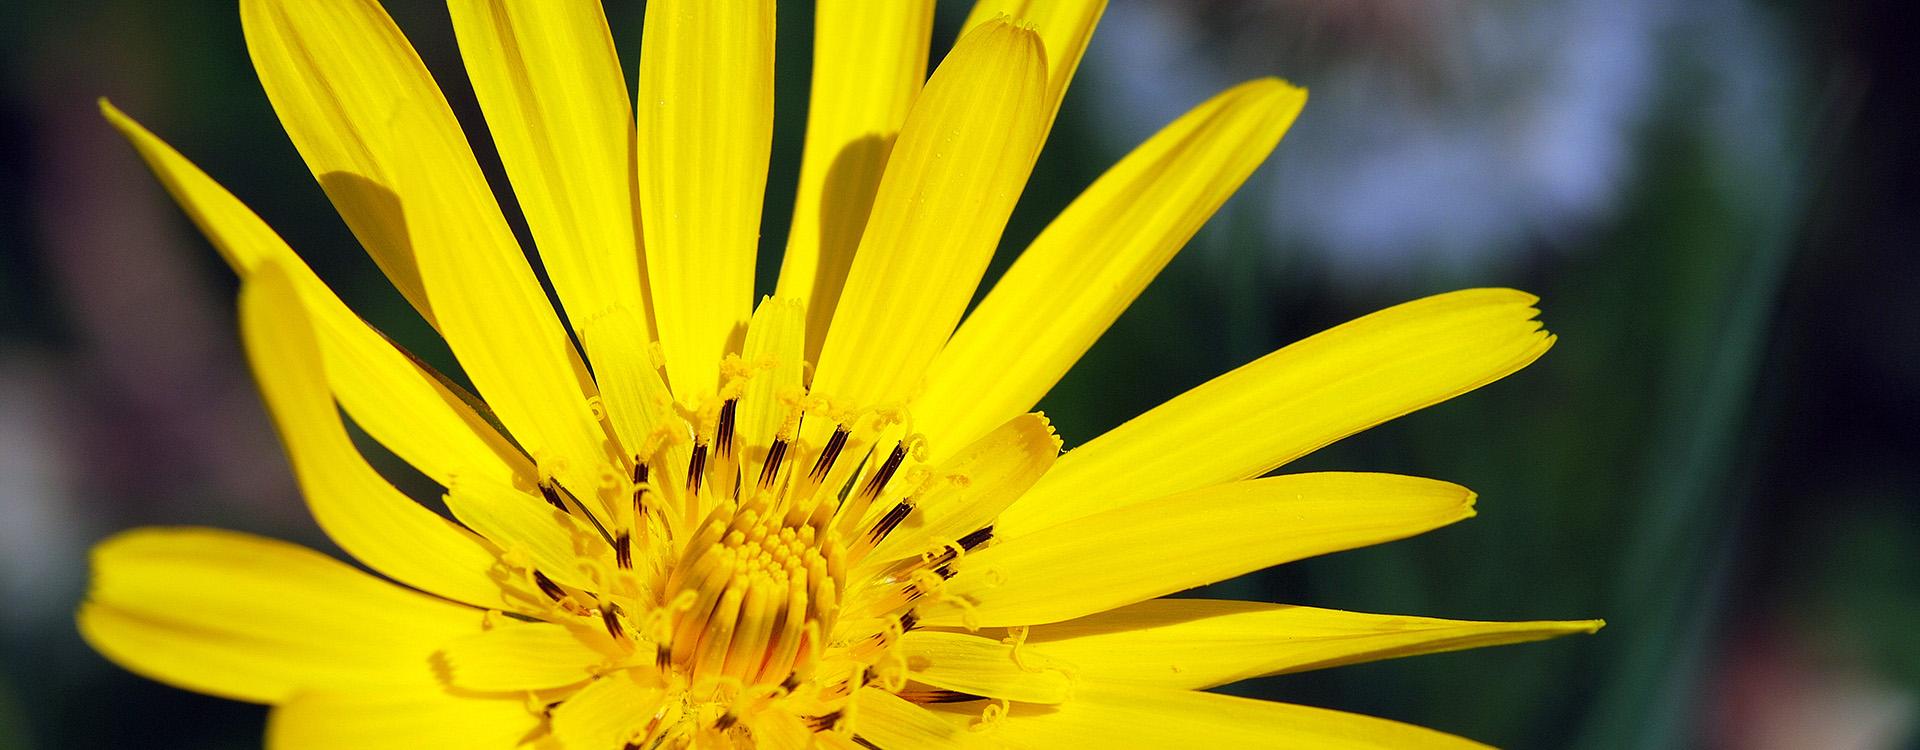 gugigei-fotografie-slider-bocksbart-gelb